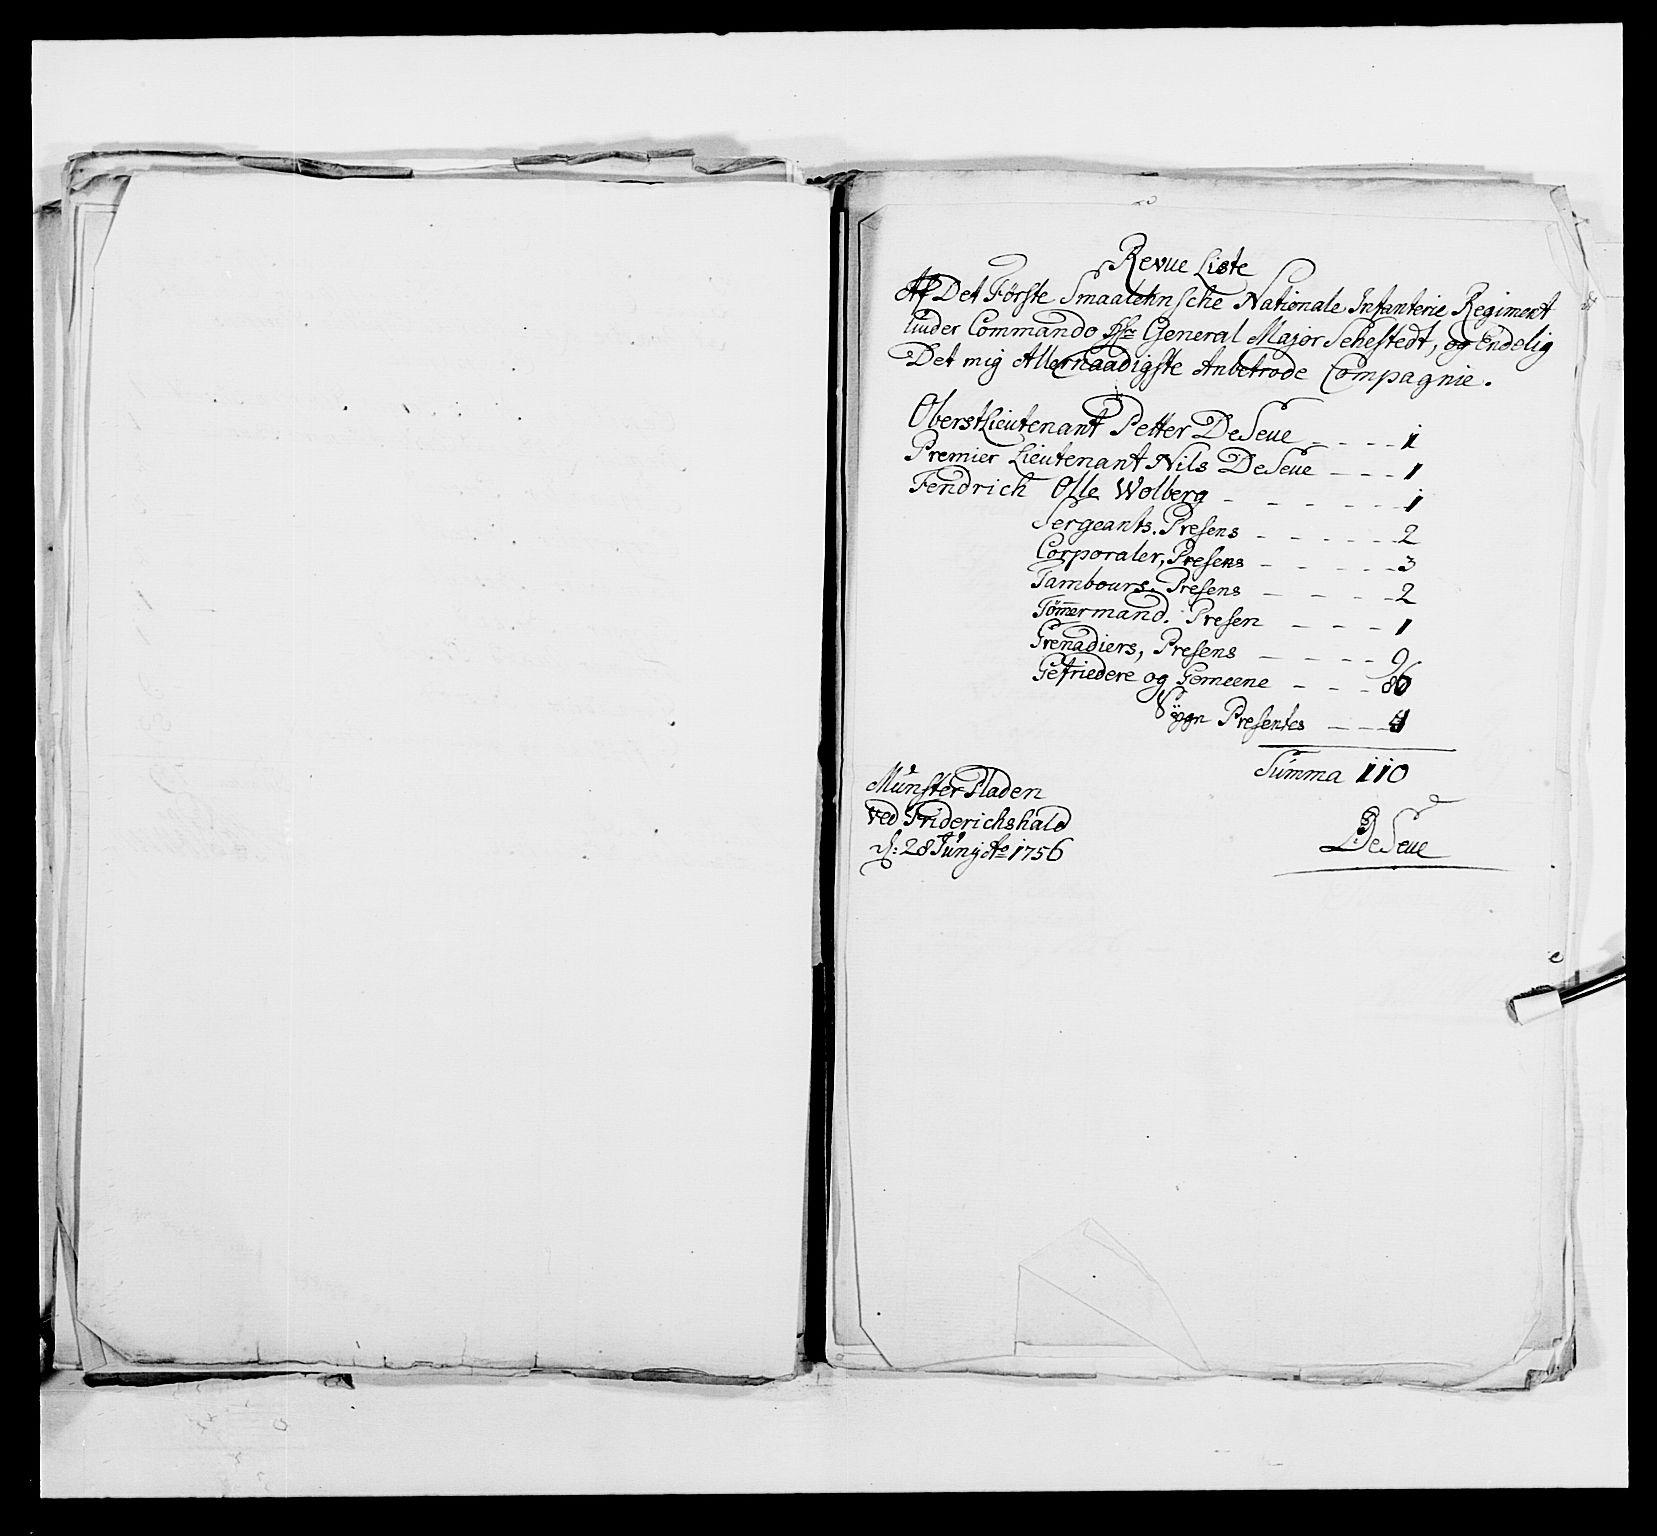 RA, Kommanderende general (KG I) med Det norske krigsdirektorium, E/Ea/L0495: 1. Smålenske regiment, 1732-1763, s. 620